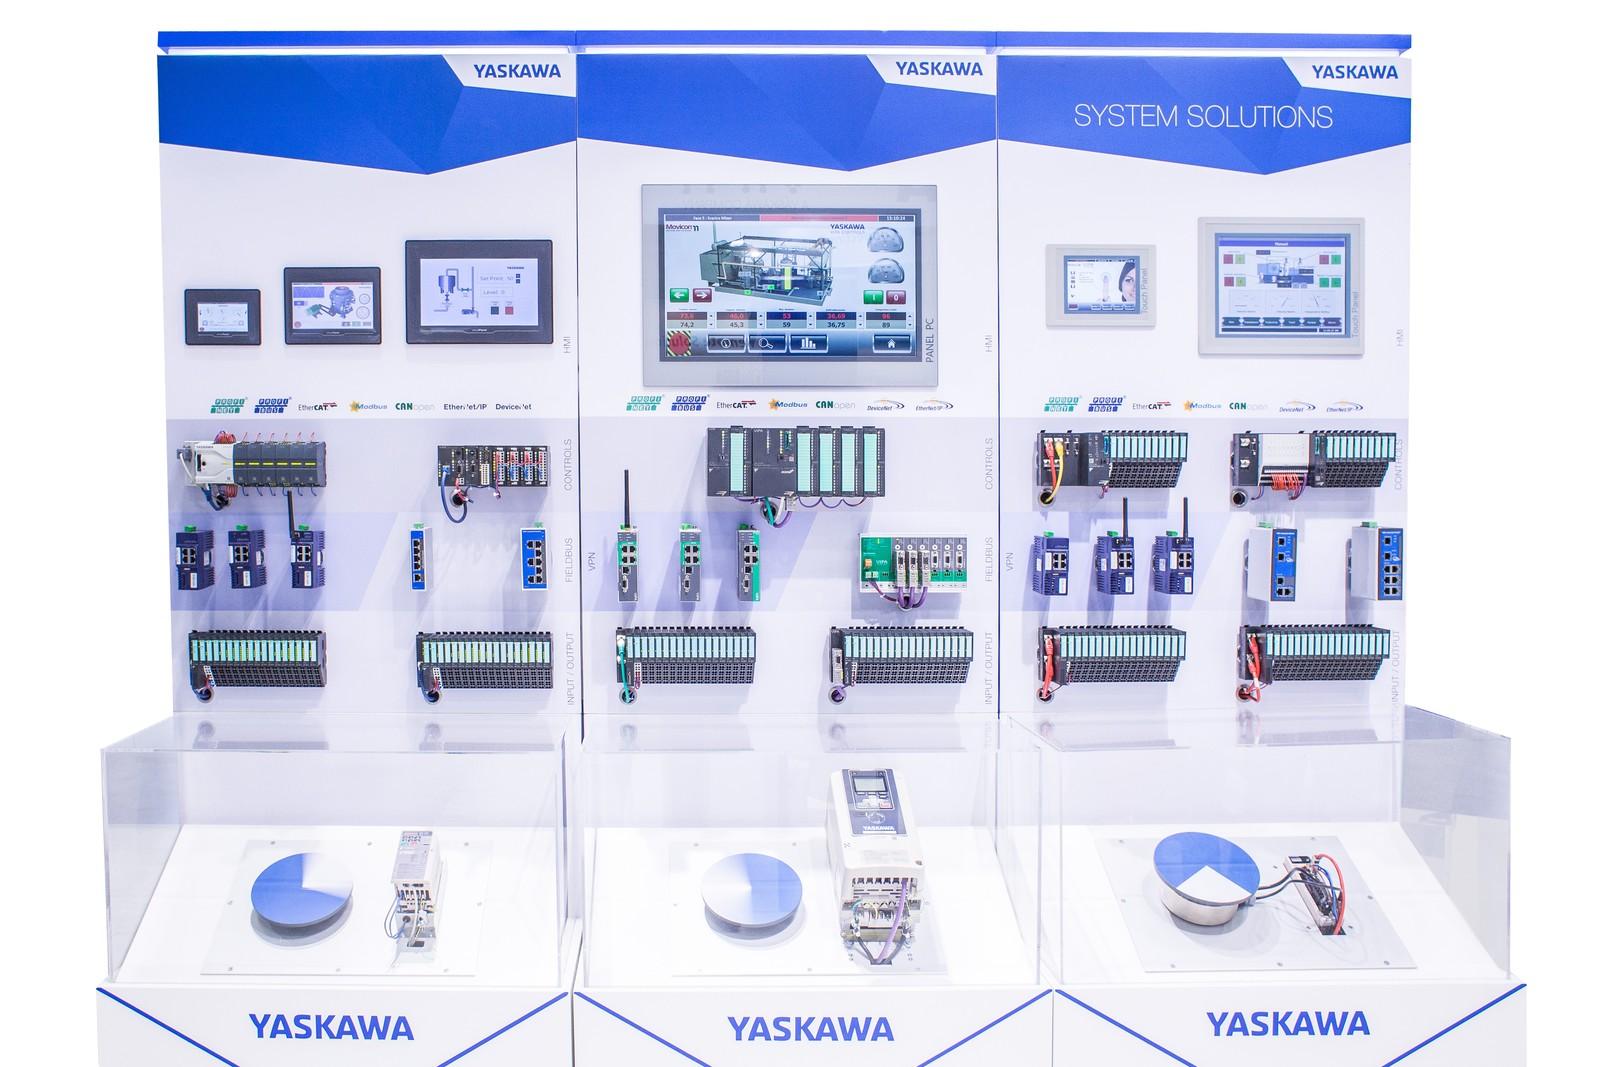 """Gewerkeübergreifende Steuerungs- und Antriebstechnik steht bei Yaskawa zur """"All about automation Leipzig"""" im Fokus."""